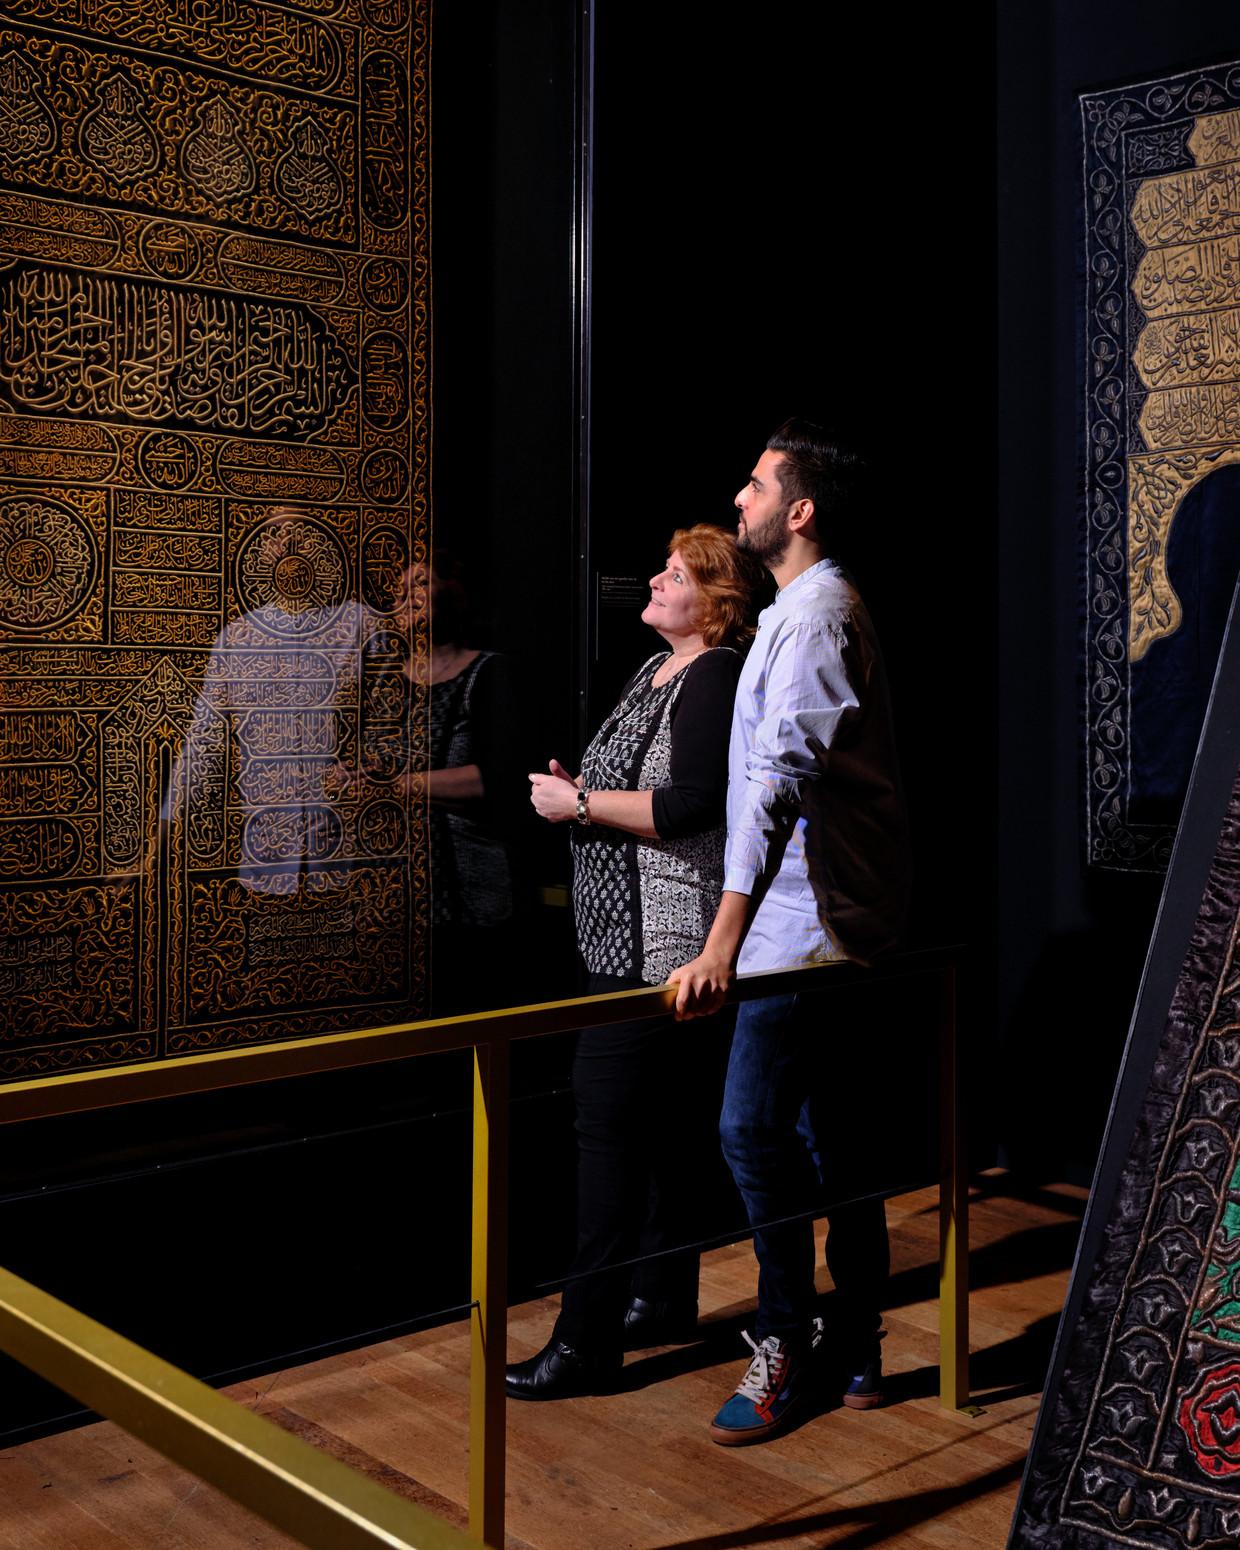 Haroon Ali en zijn moeder Marga bij de expositie in het Tropenmuseum.